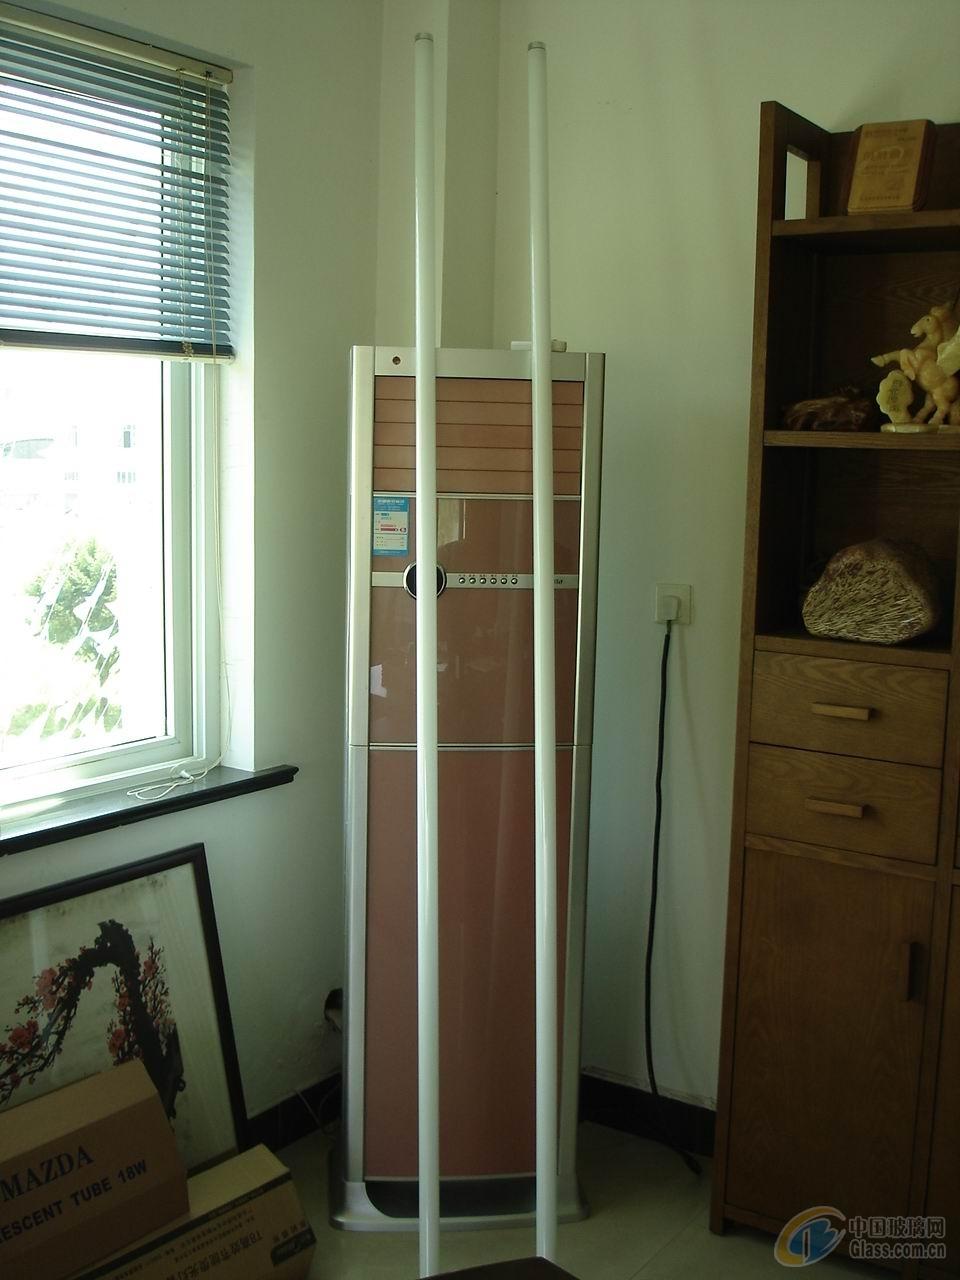 2.4米超长荧光灯管